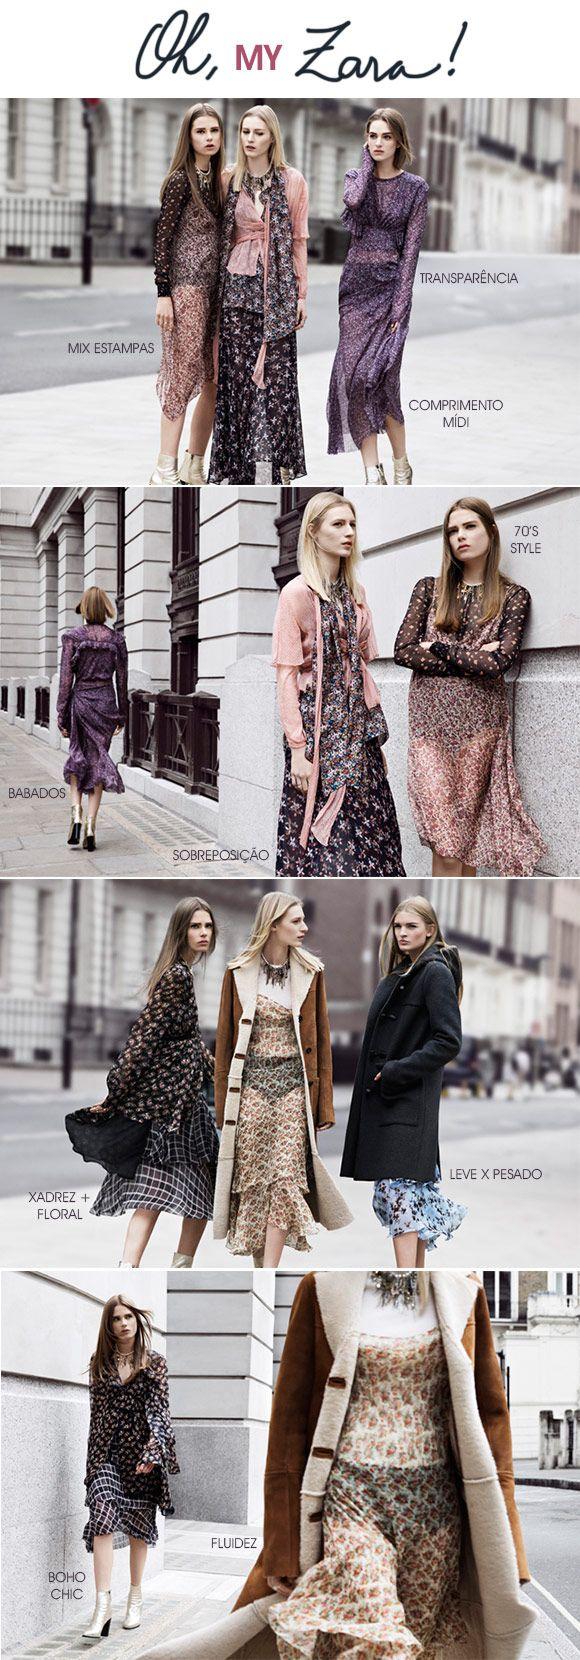 Achados da Bia | Moda | Lançamento | Zara | Fall 14